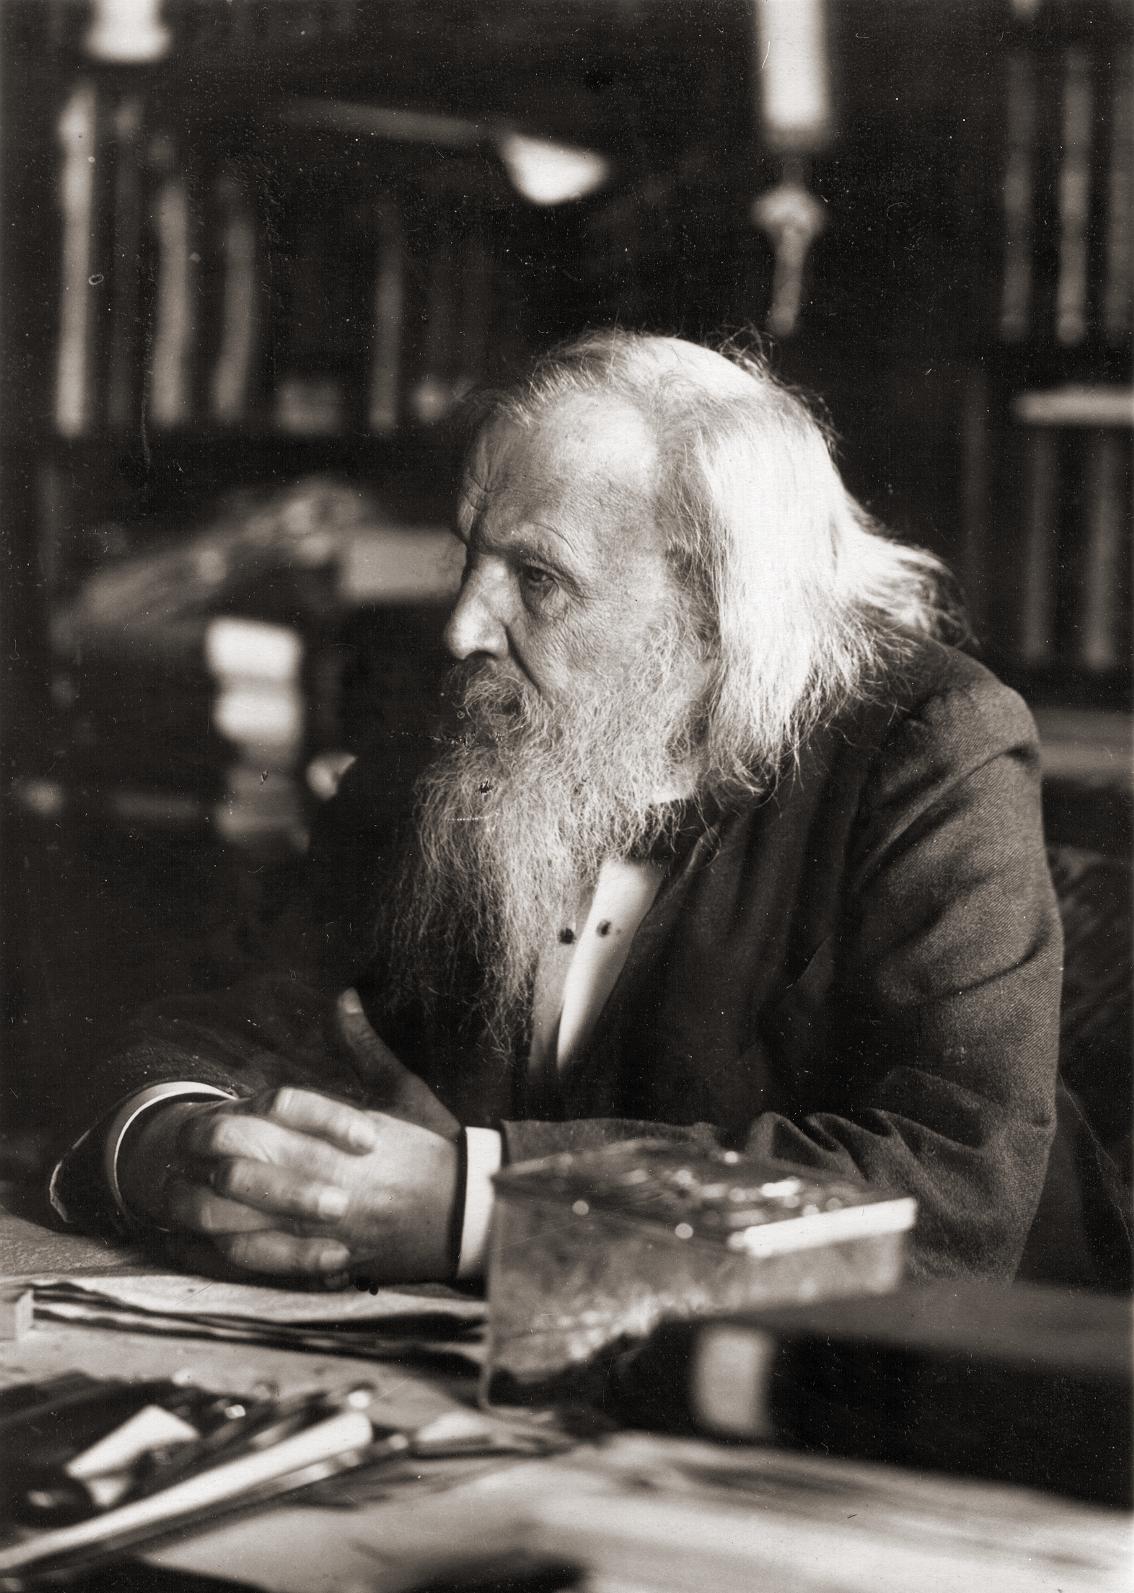 Tabelul periodic al elementelor - Dmitri Mendeleev